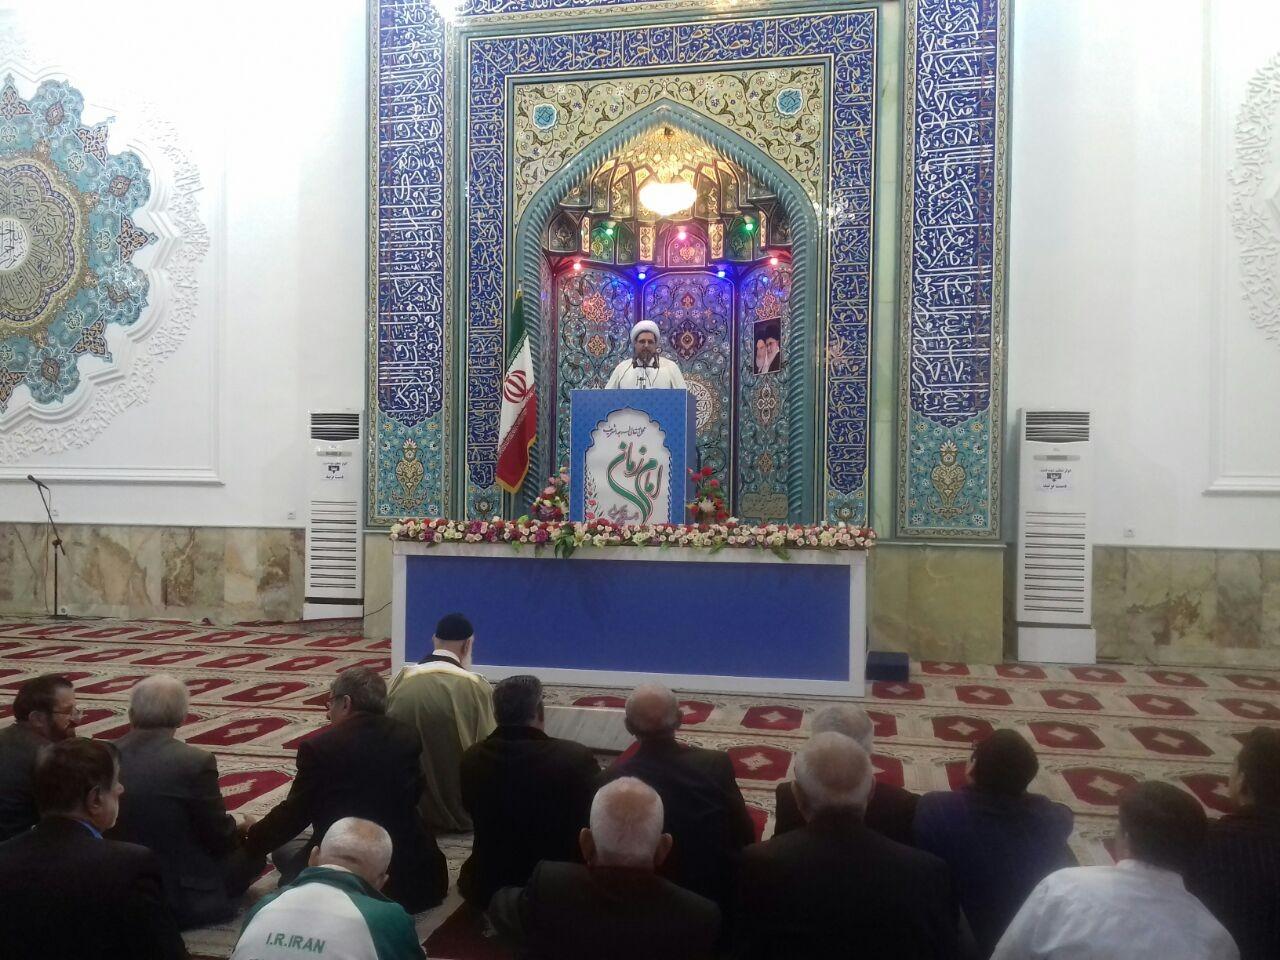 کمک ۳۸۰ میلیارد ریالی نیکوکاران در قالب طرح مودت /تشکیل ستاد بازسازی بقعه خواهر امام